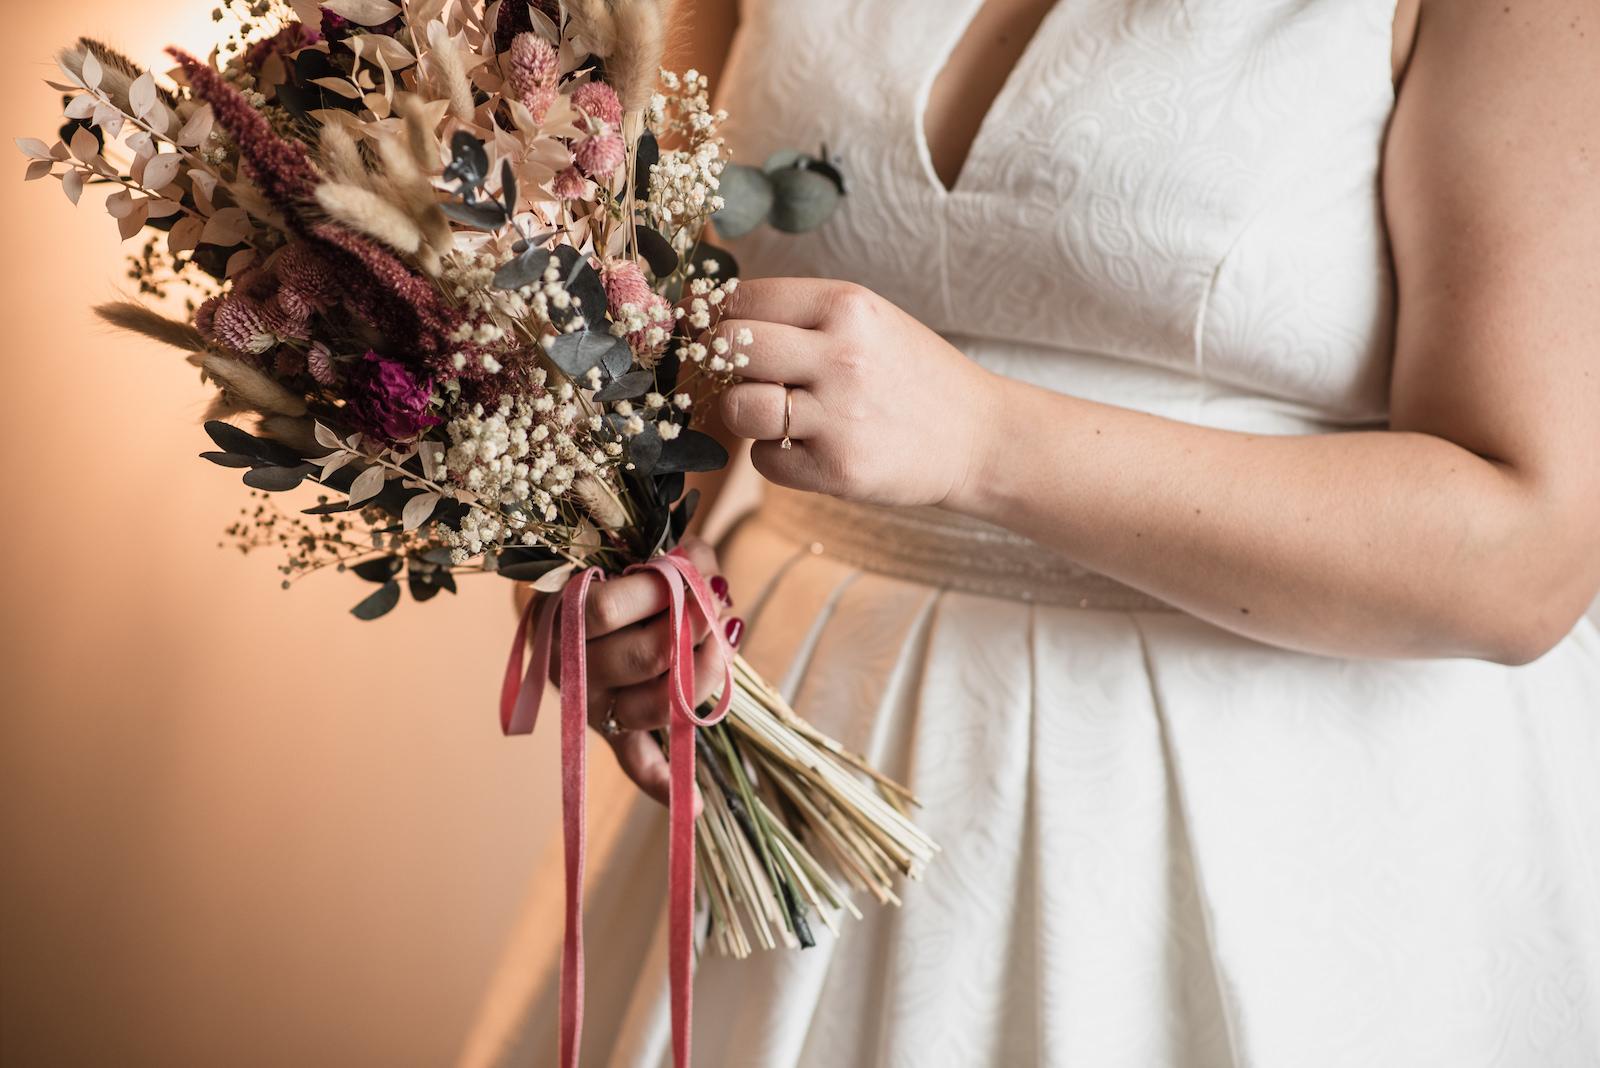 fotografia de boda novia con ramo de flores en las manos